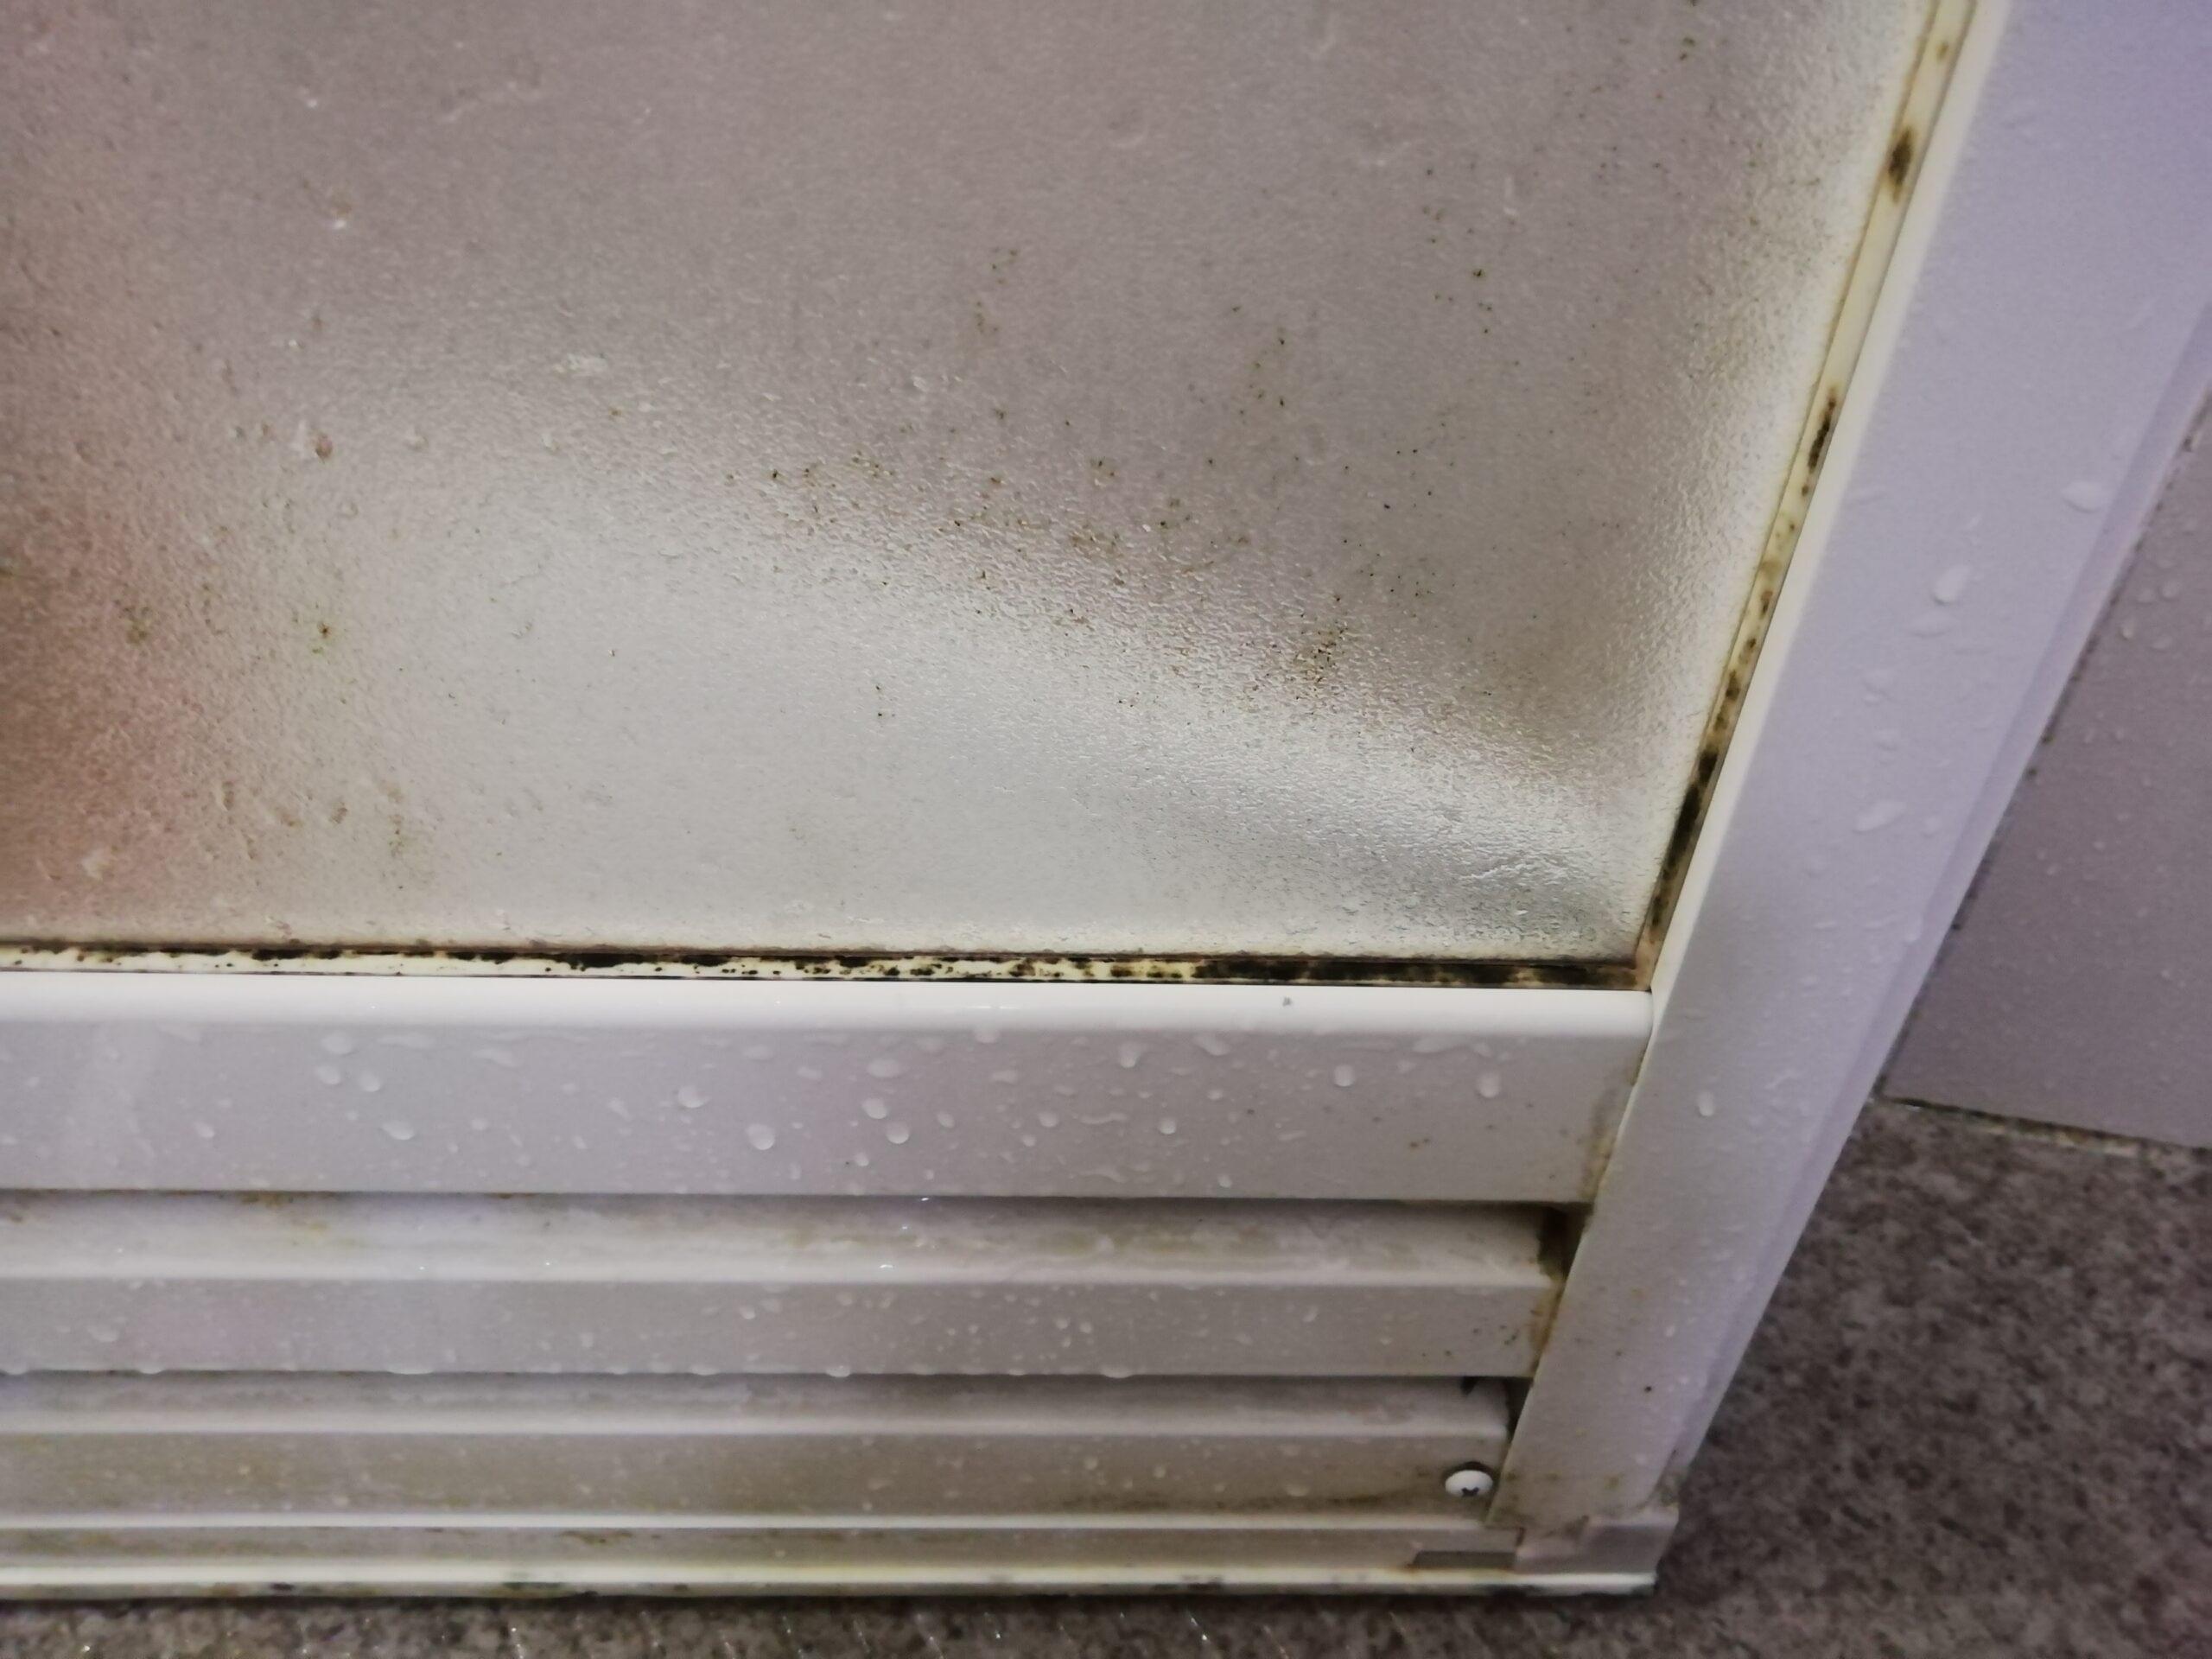 お風呂のドアに発生した黒カビ